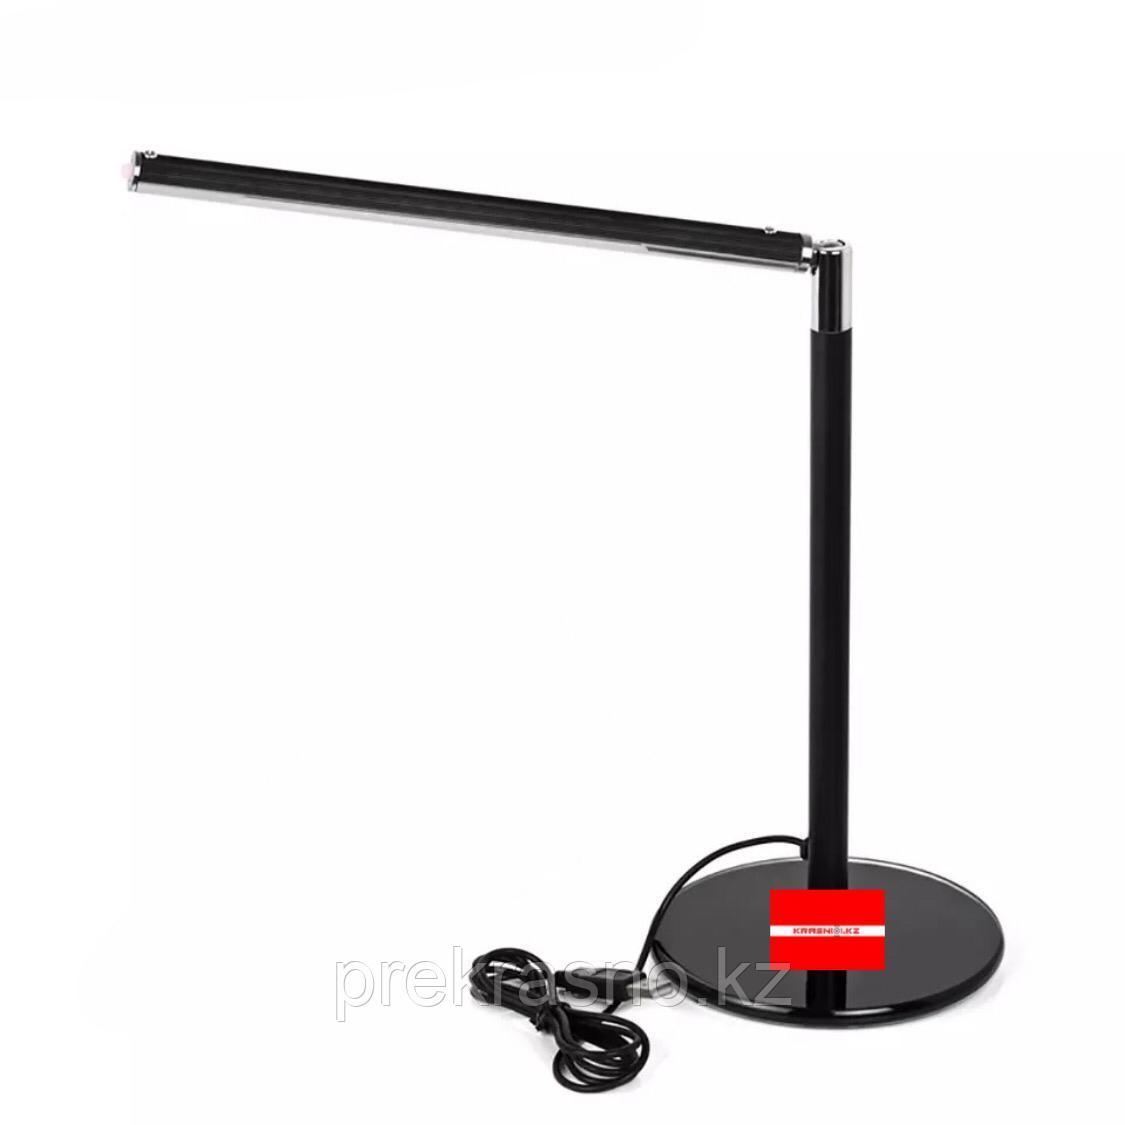 Лампа настольная светодиодная CV-100